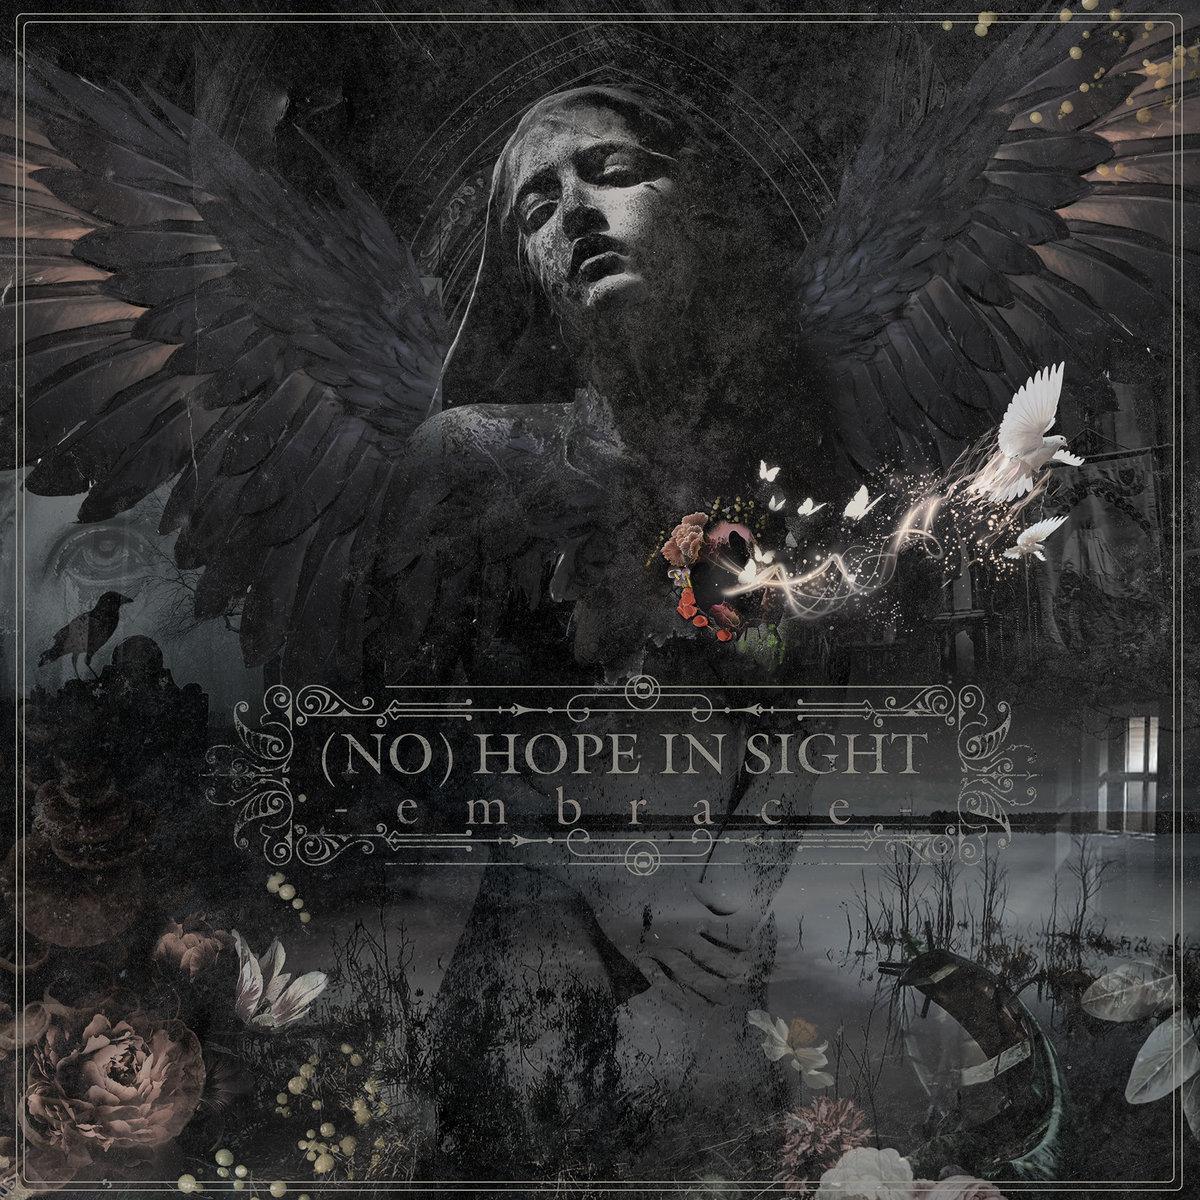 Chronique d'album : (NO) HOPE IN SIGHT ( ), Embrace (2021)